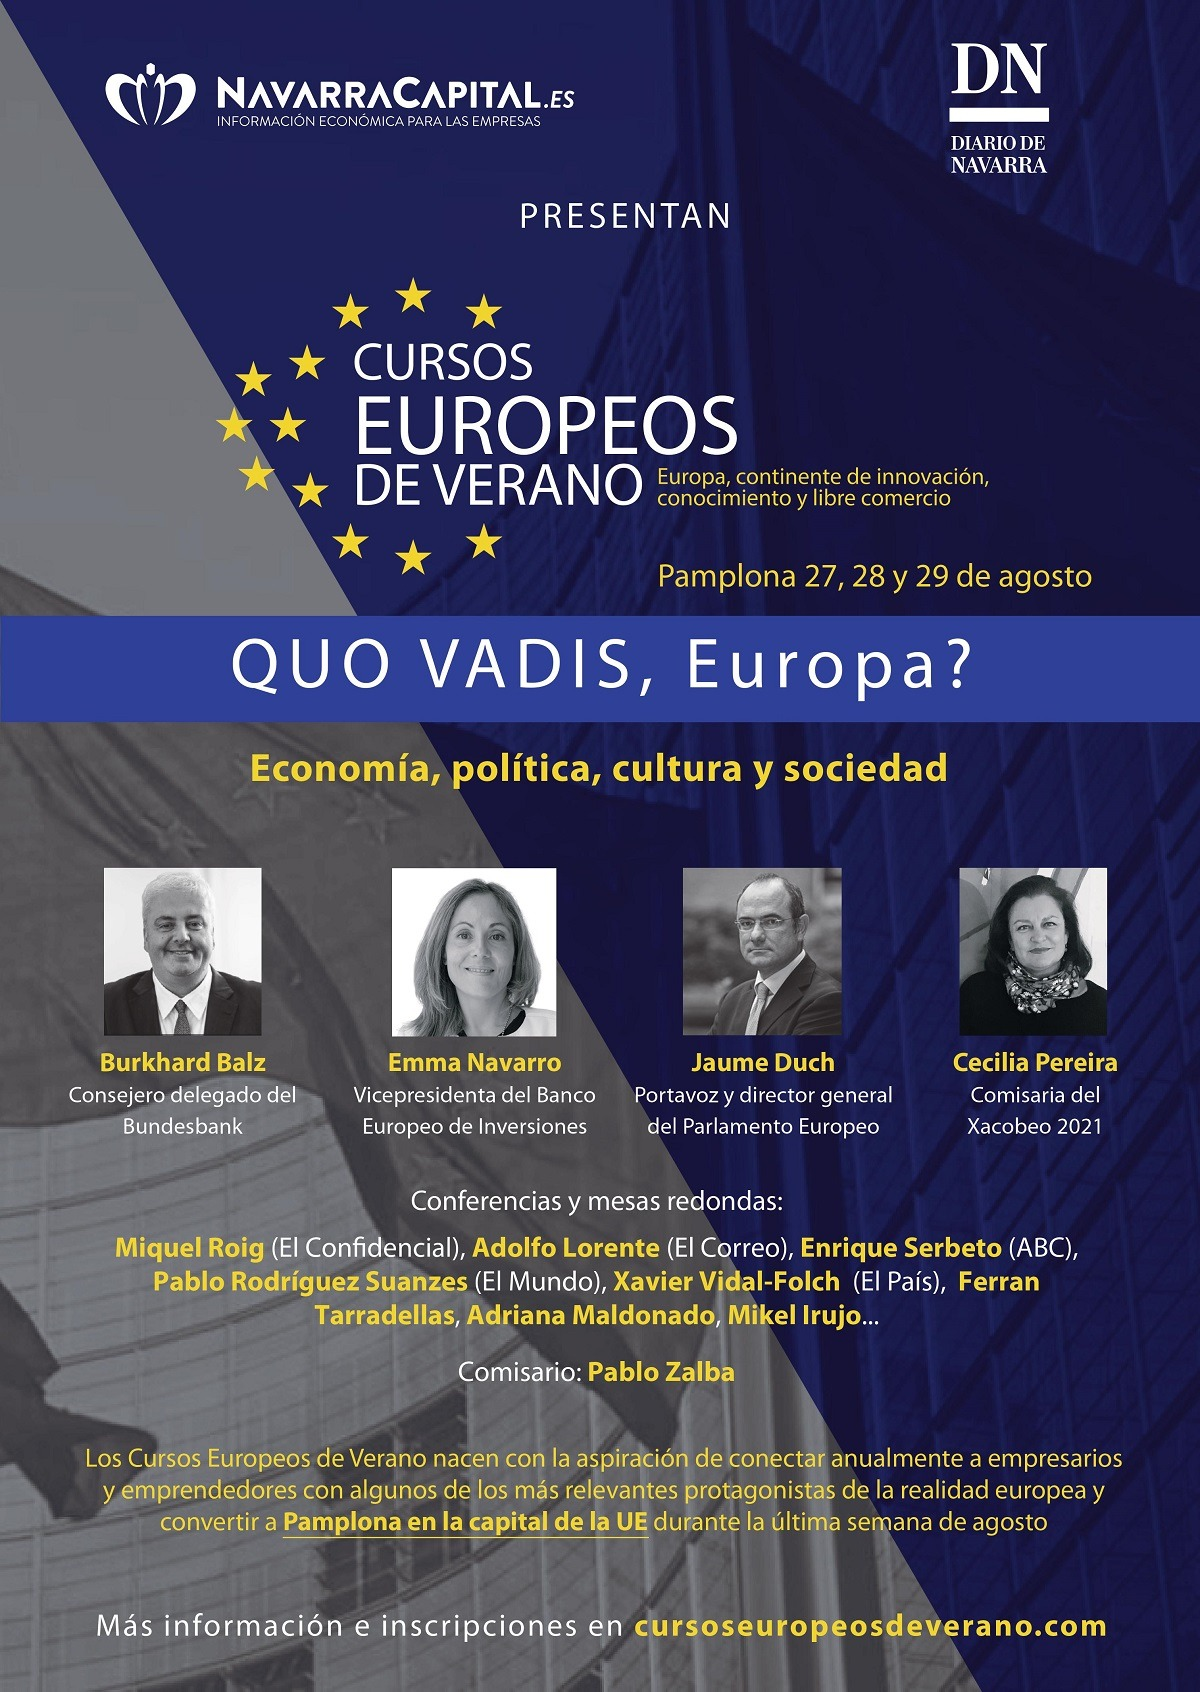 CURSOS EUROPEOS DE VERANO